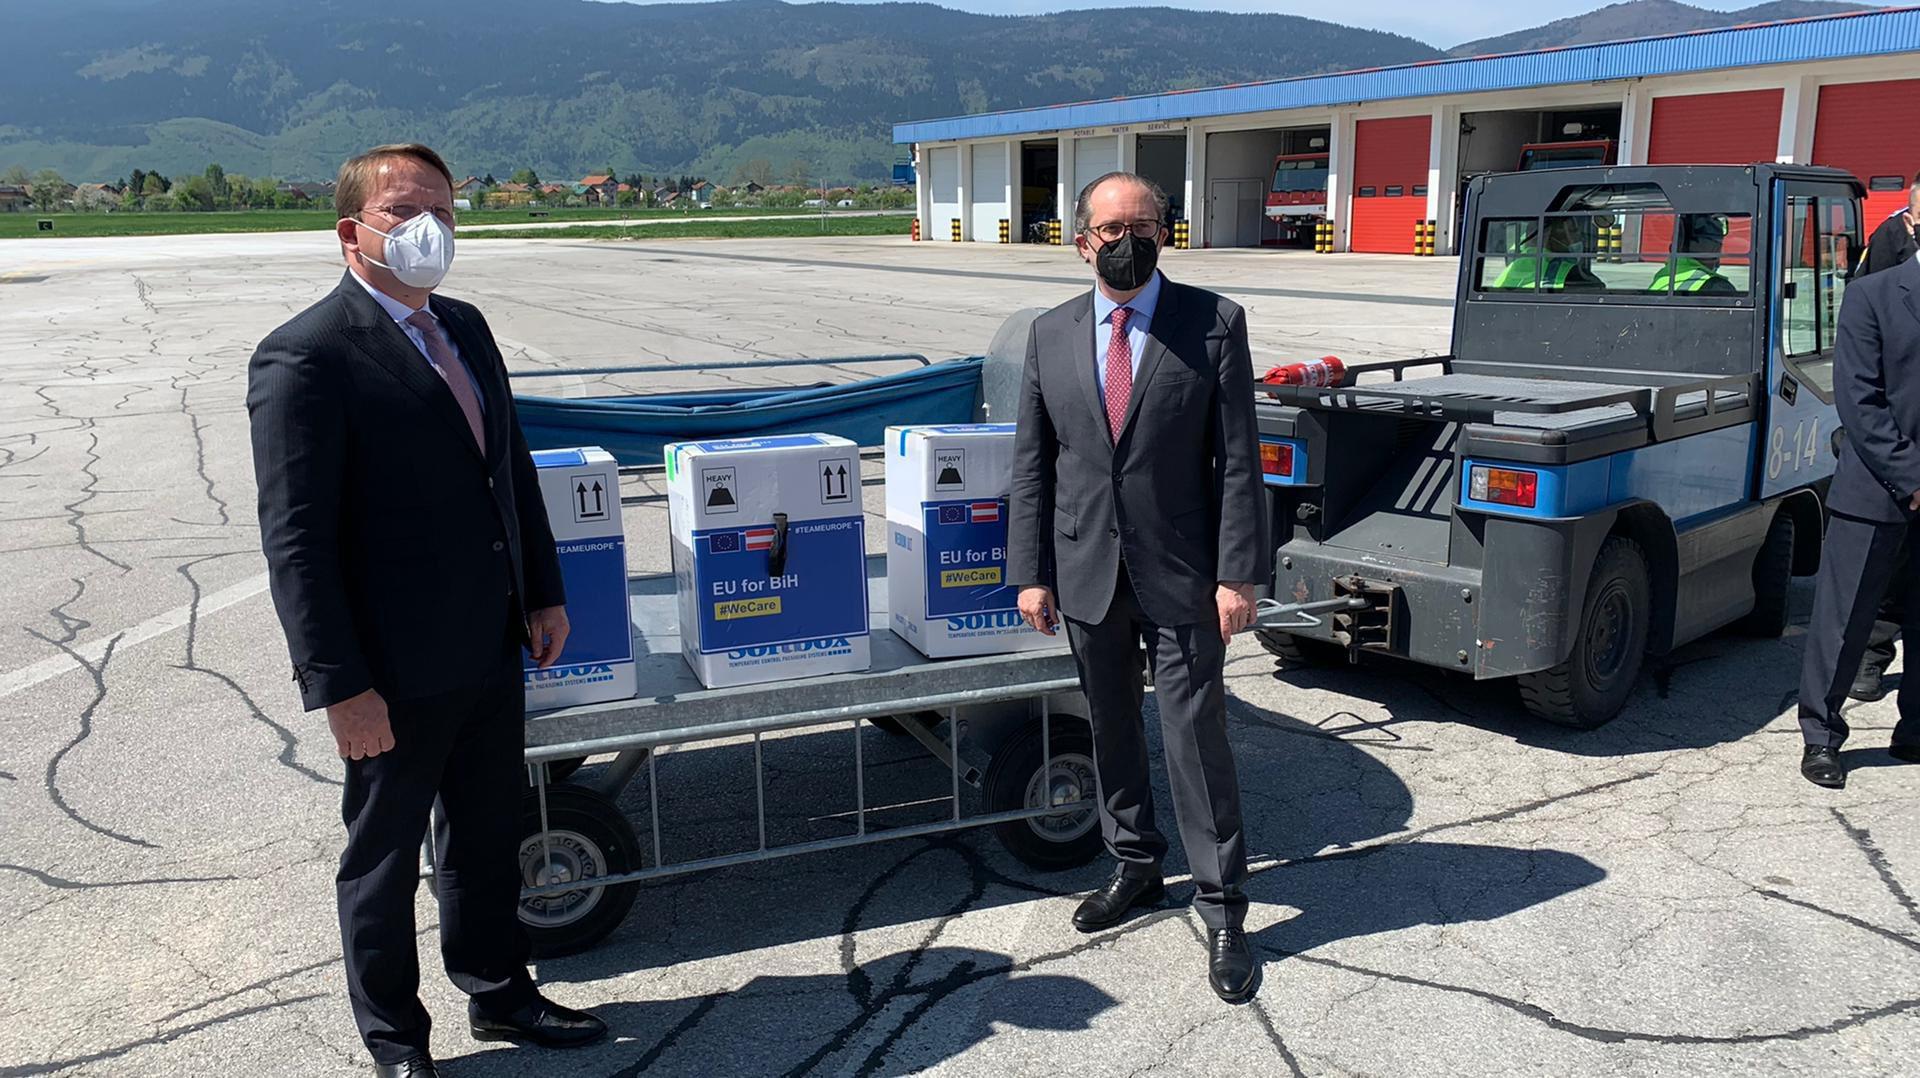 Varheji: EU brine o BiH i stoji uz nju od početka pandemije